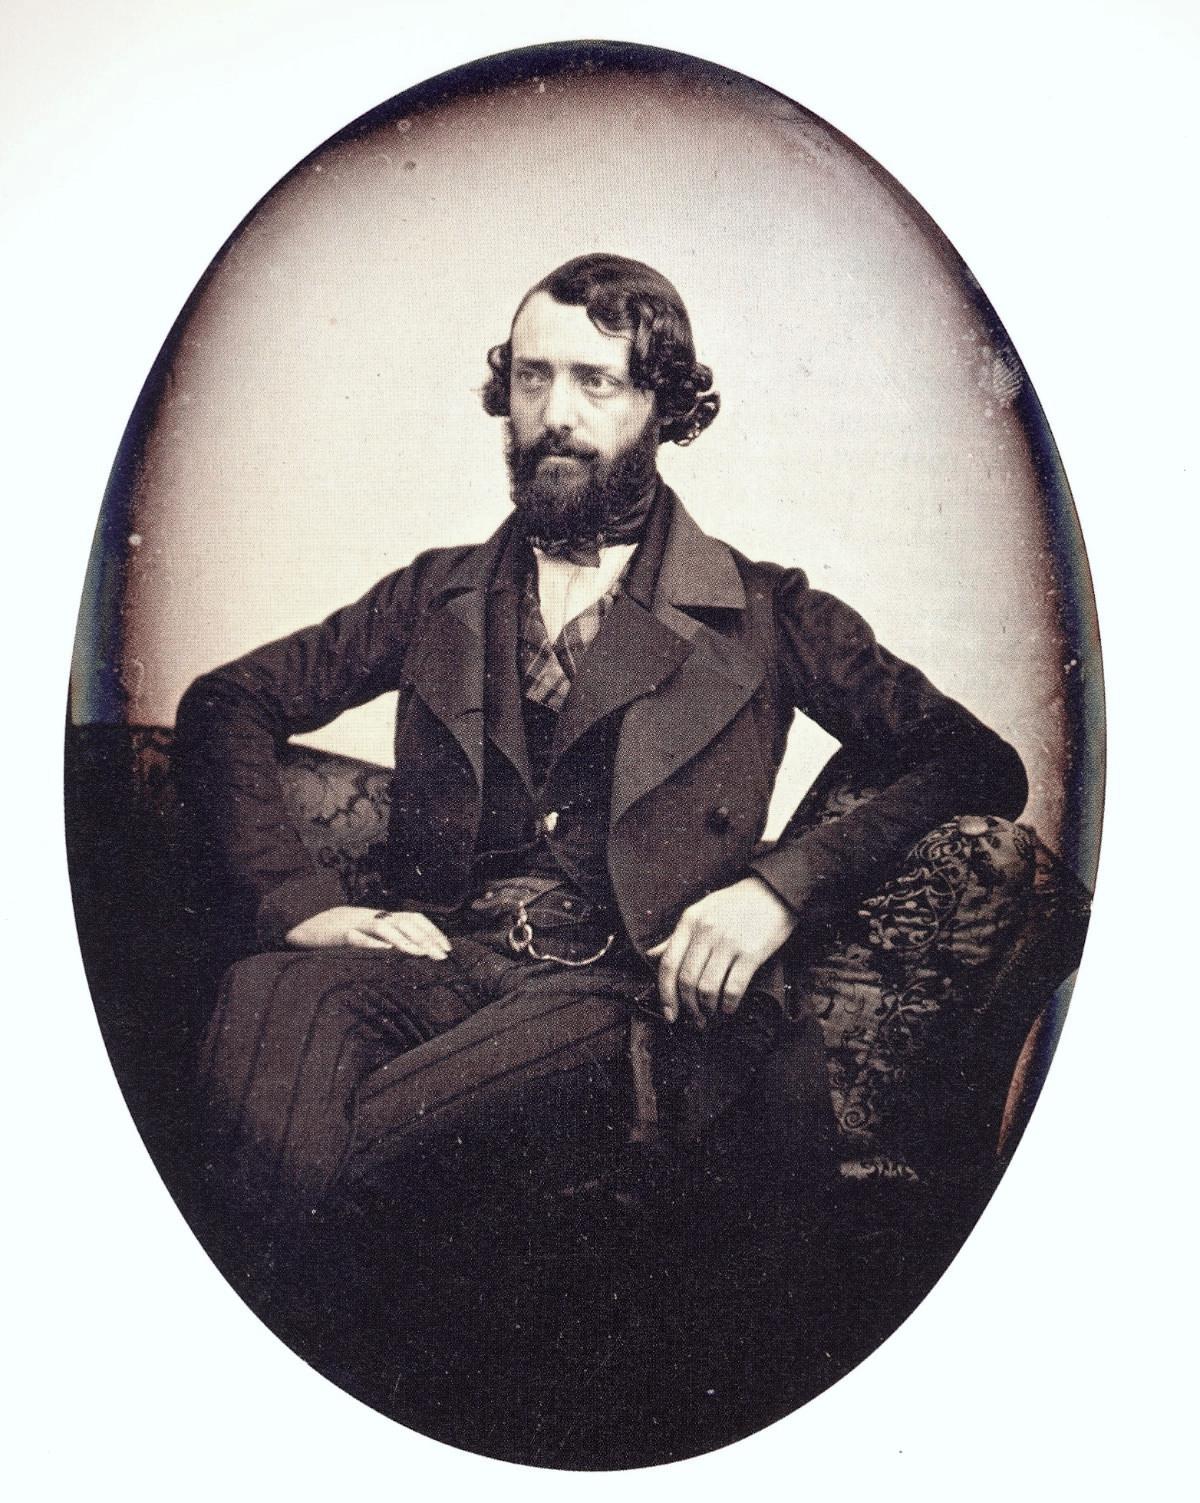 Eugène-Emmanuel Viollet-le-Duc